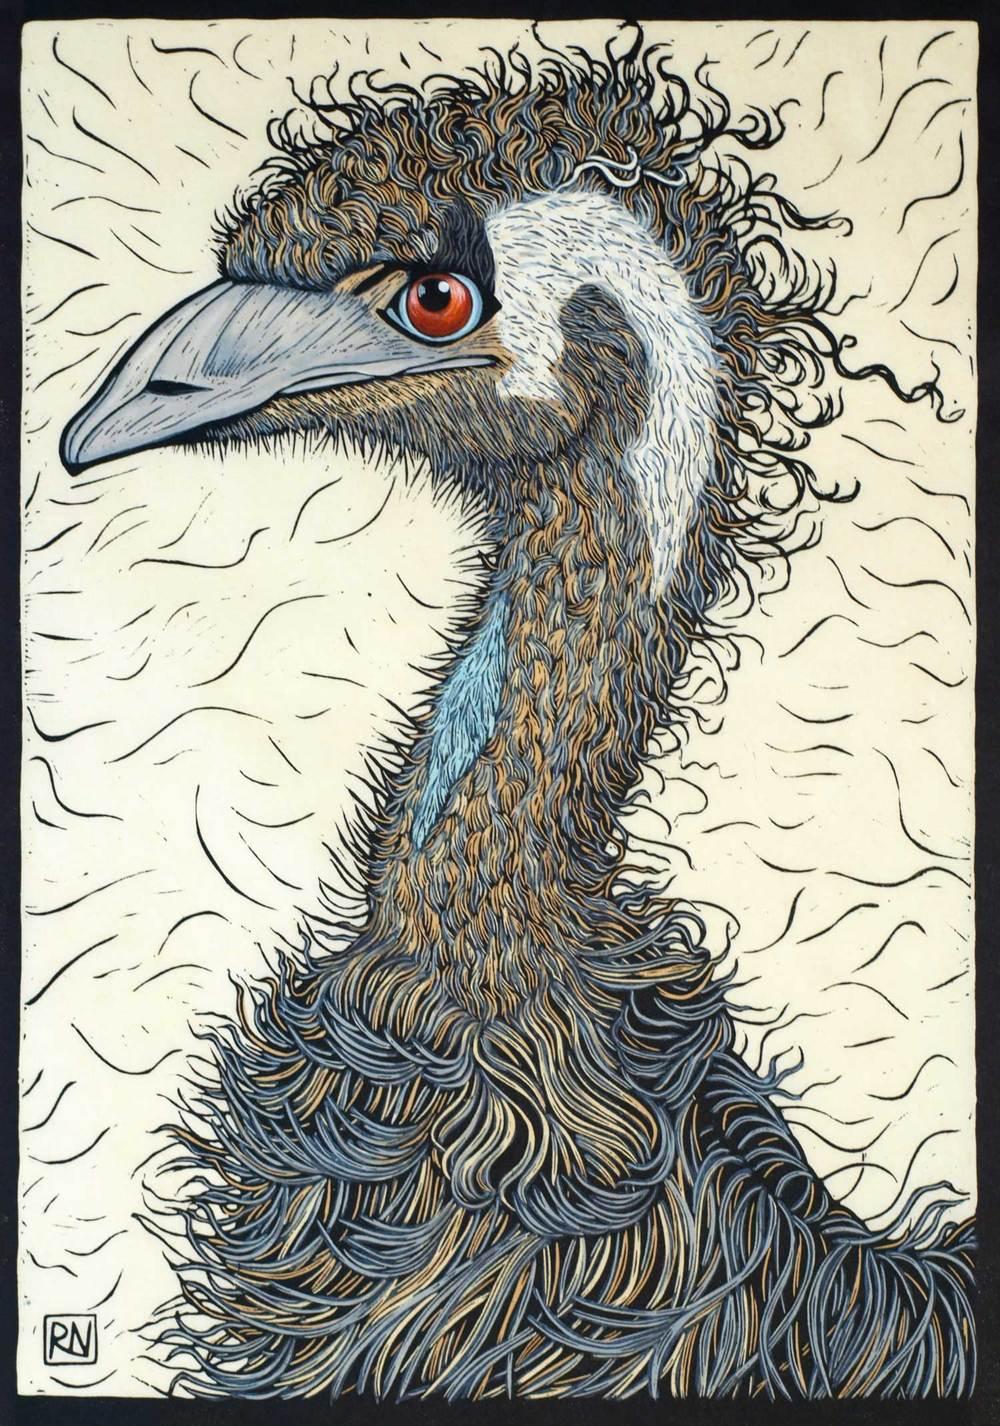 emu-linocut-rachel-newling.jpg